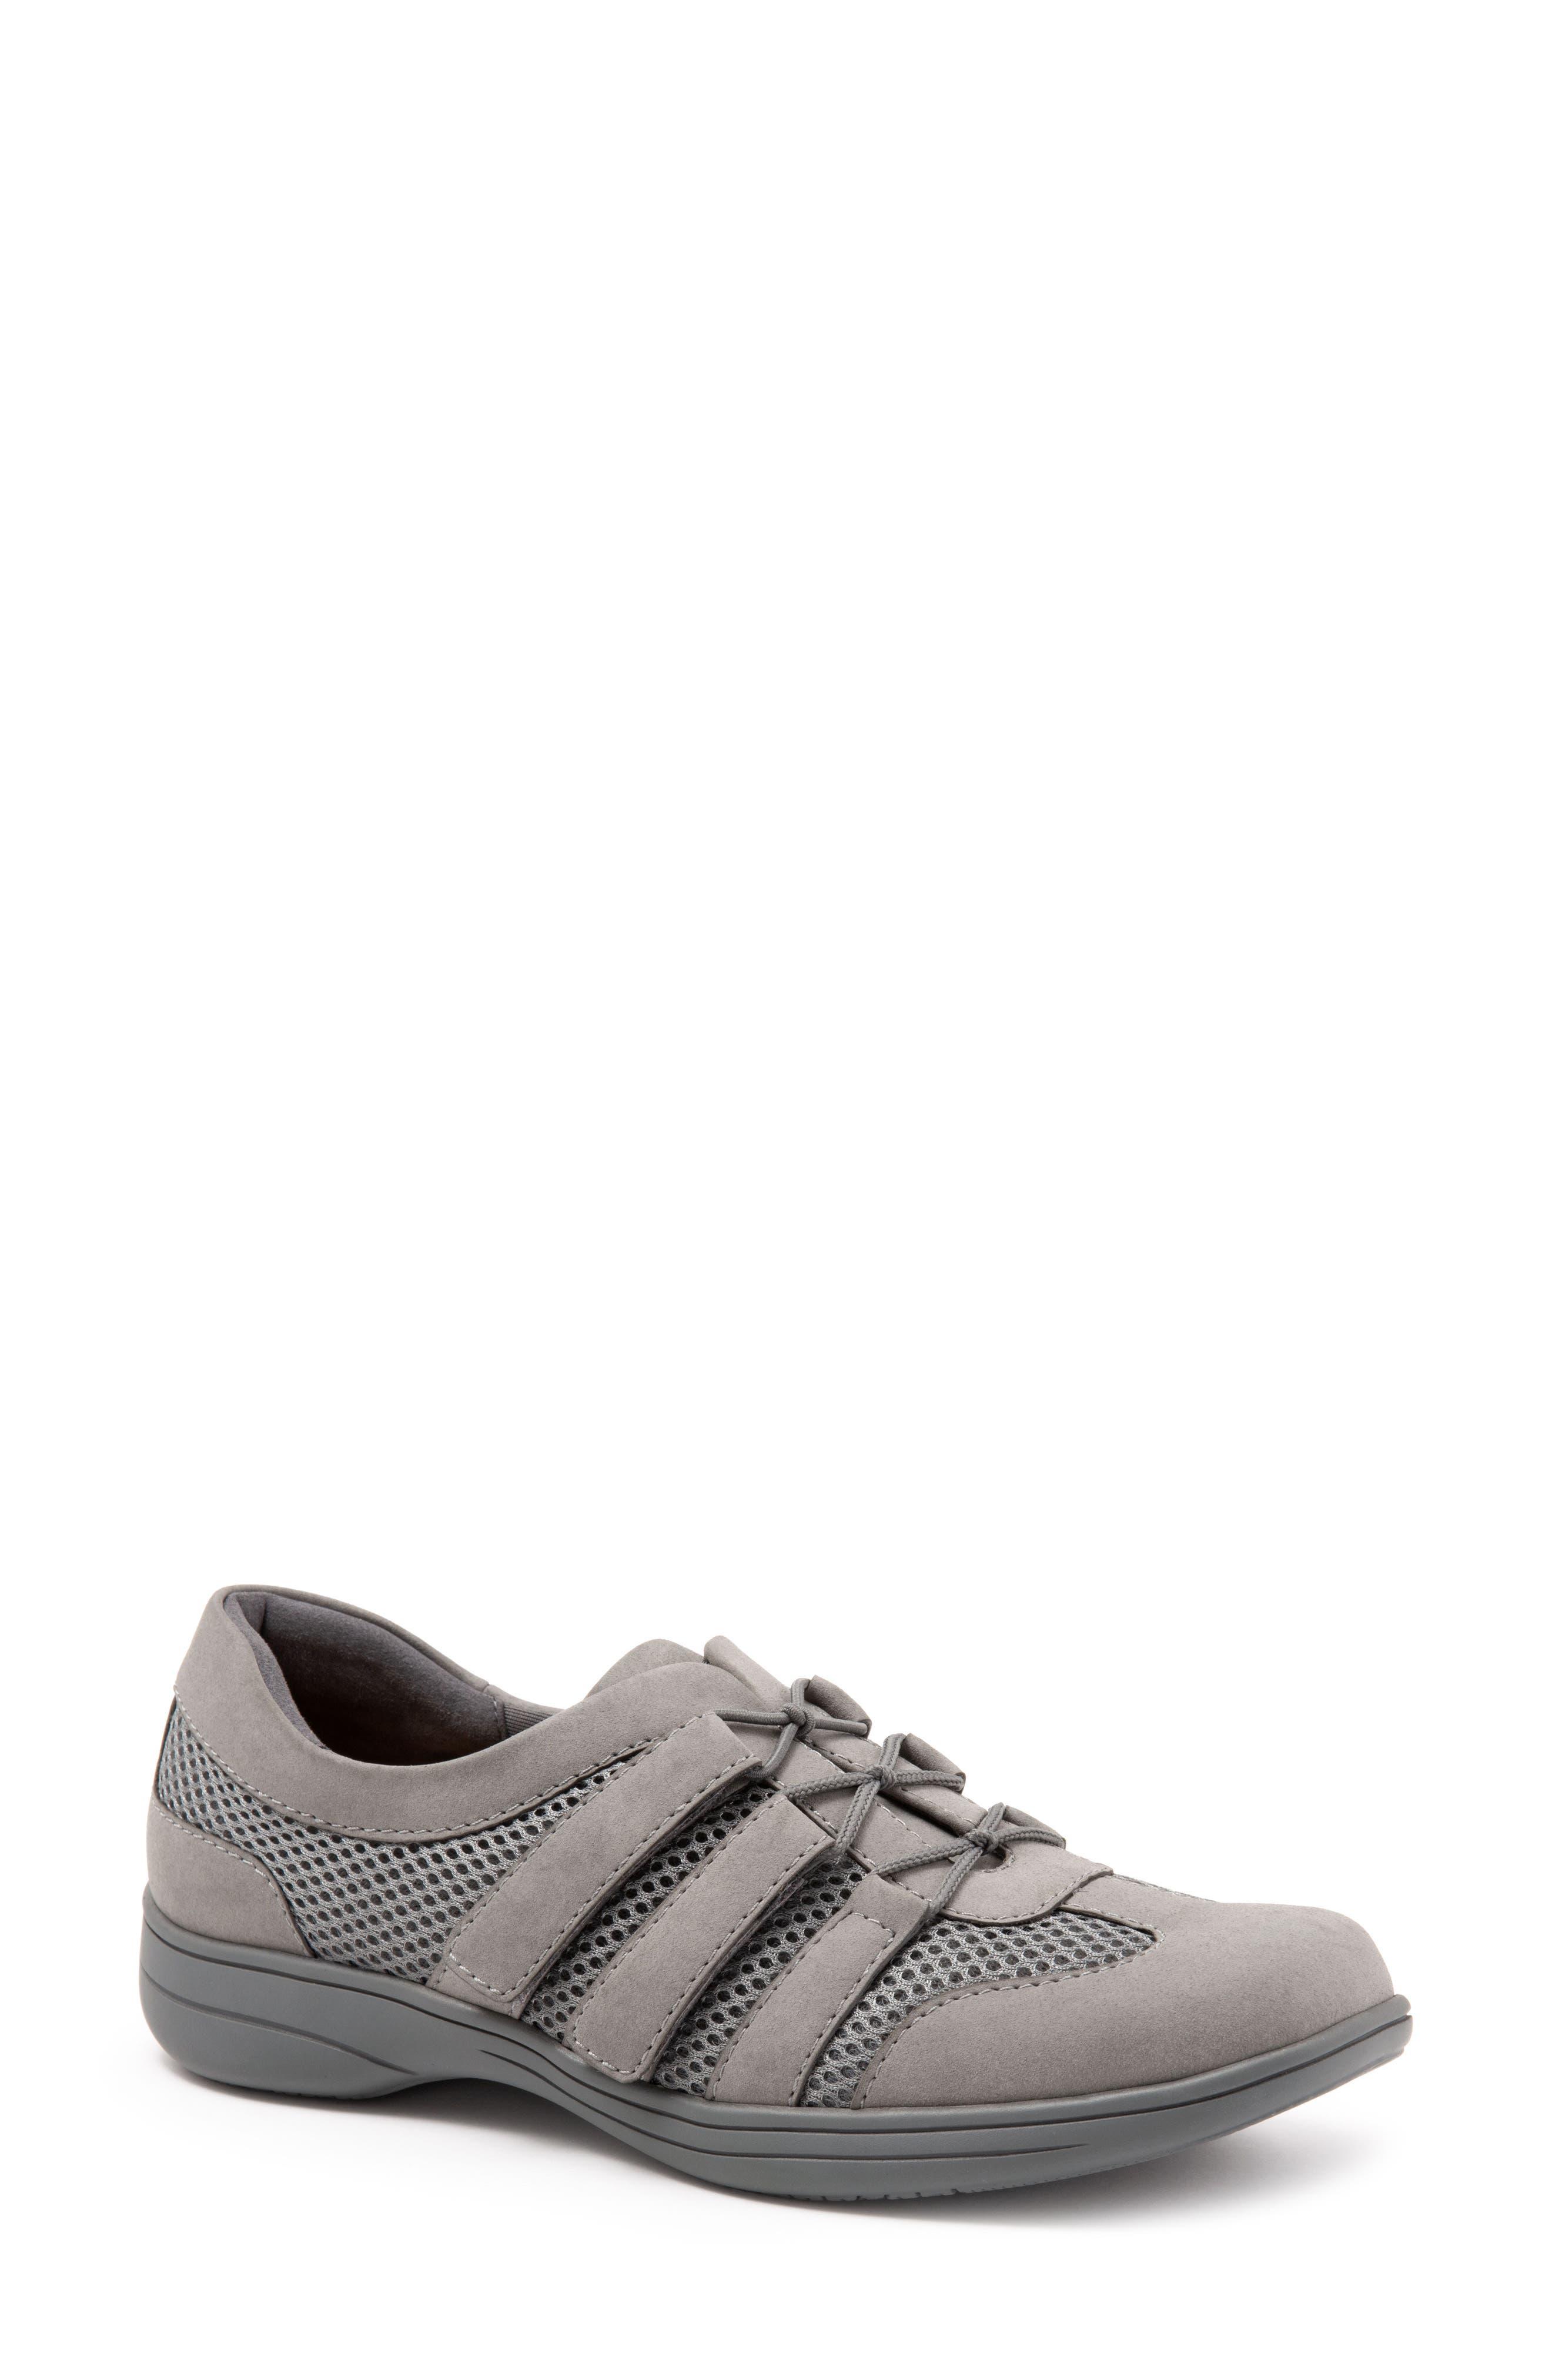 Trotters Joy Slip-On Sneaker- Grey